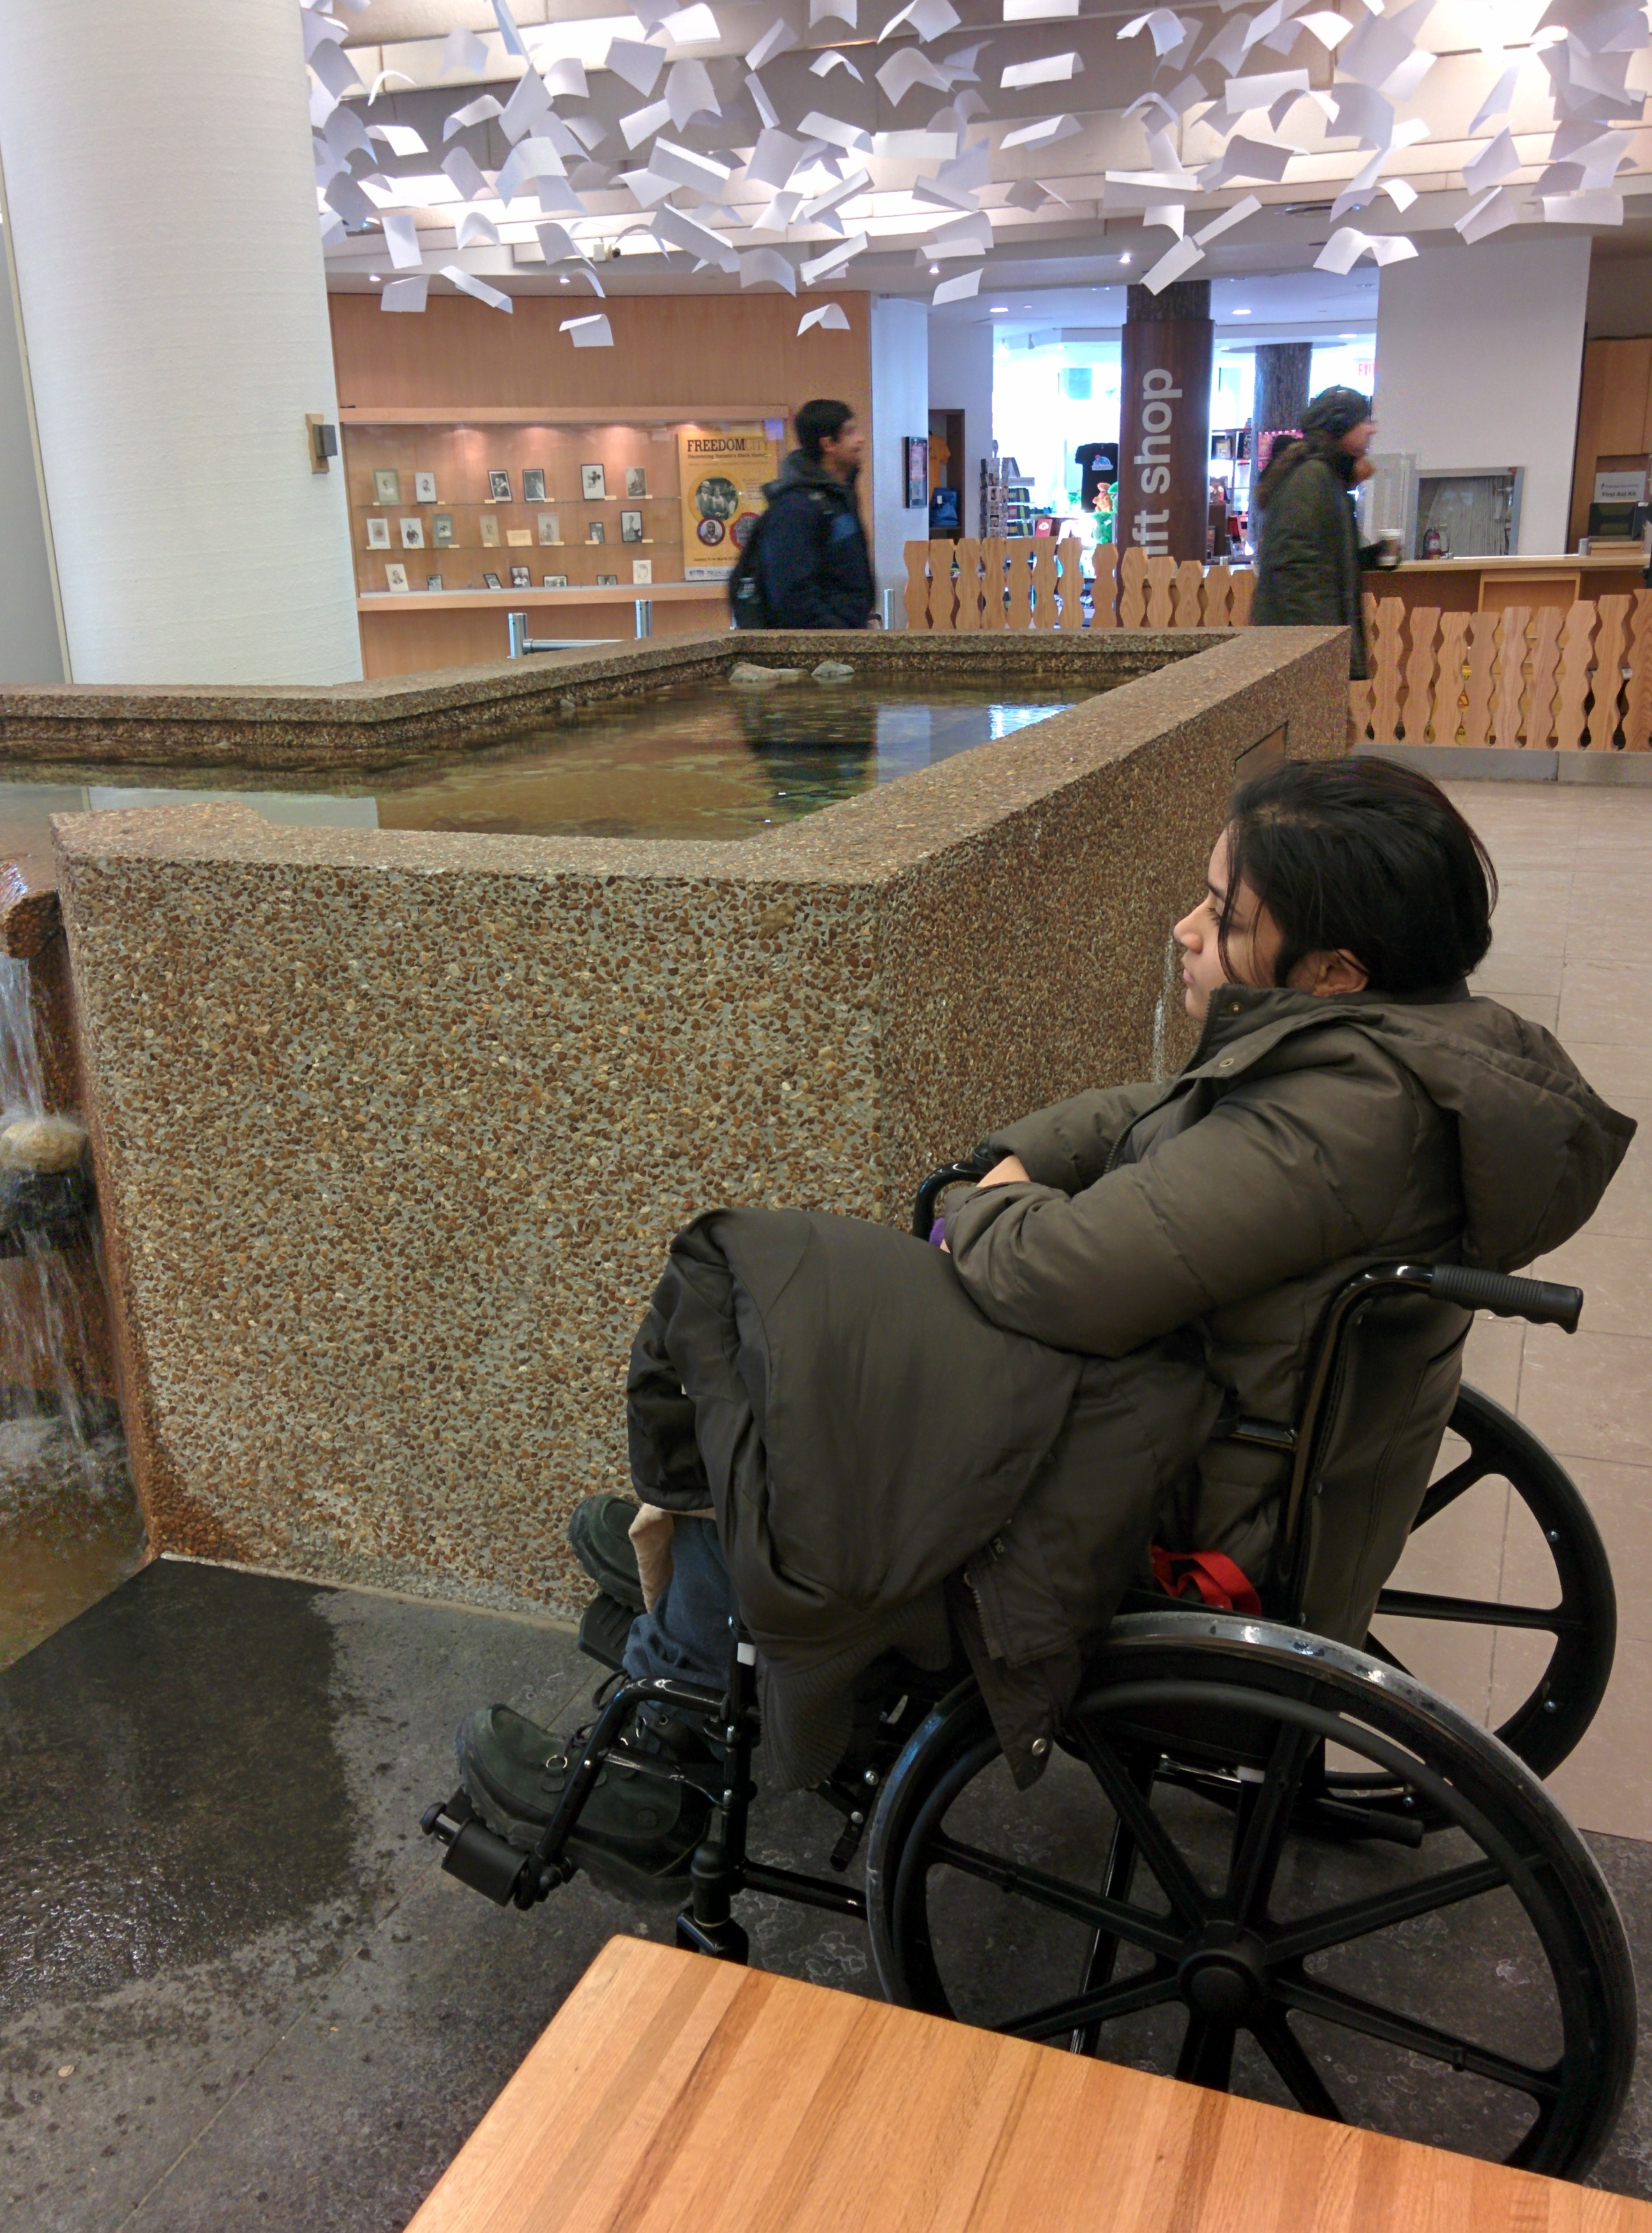 Nadha in a Wheelchair